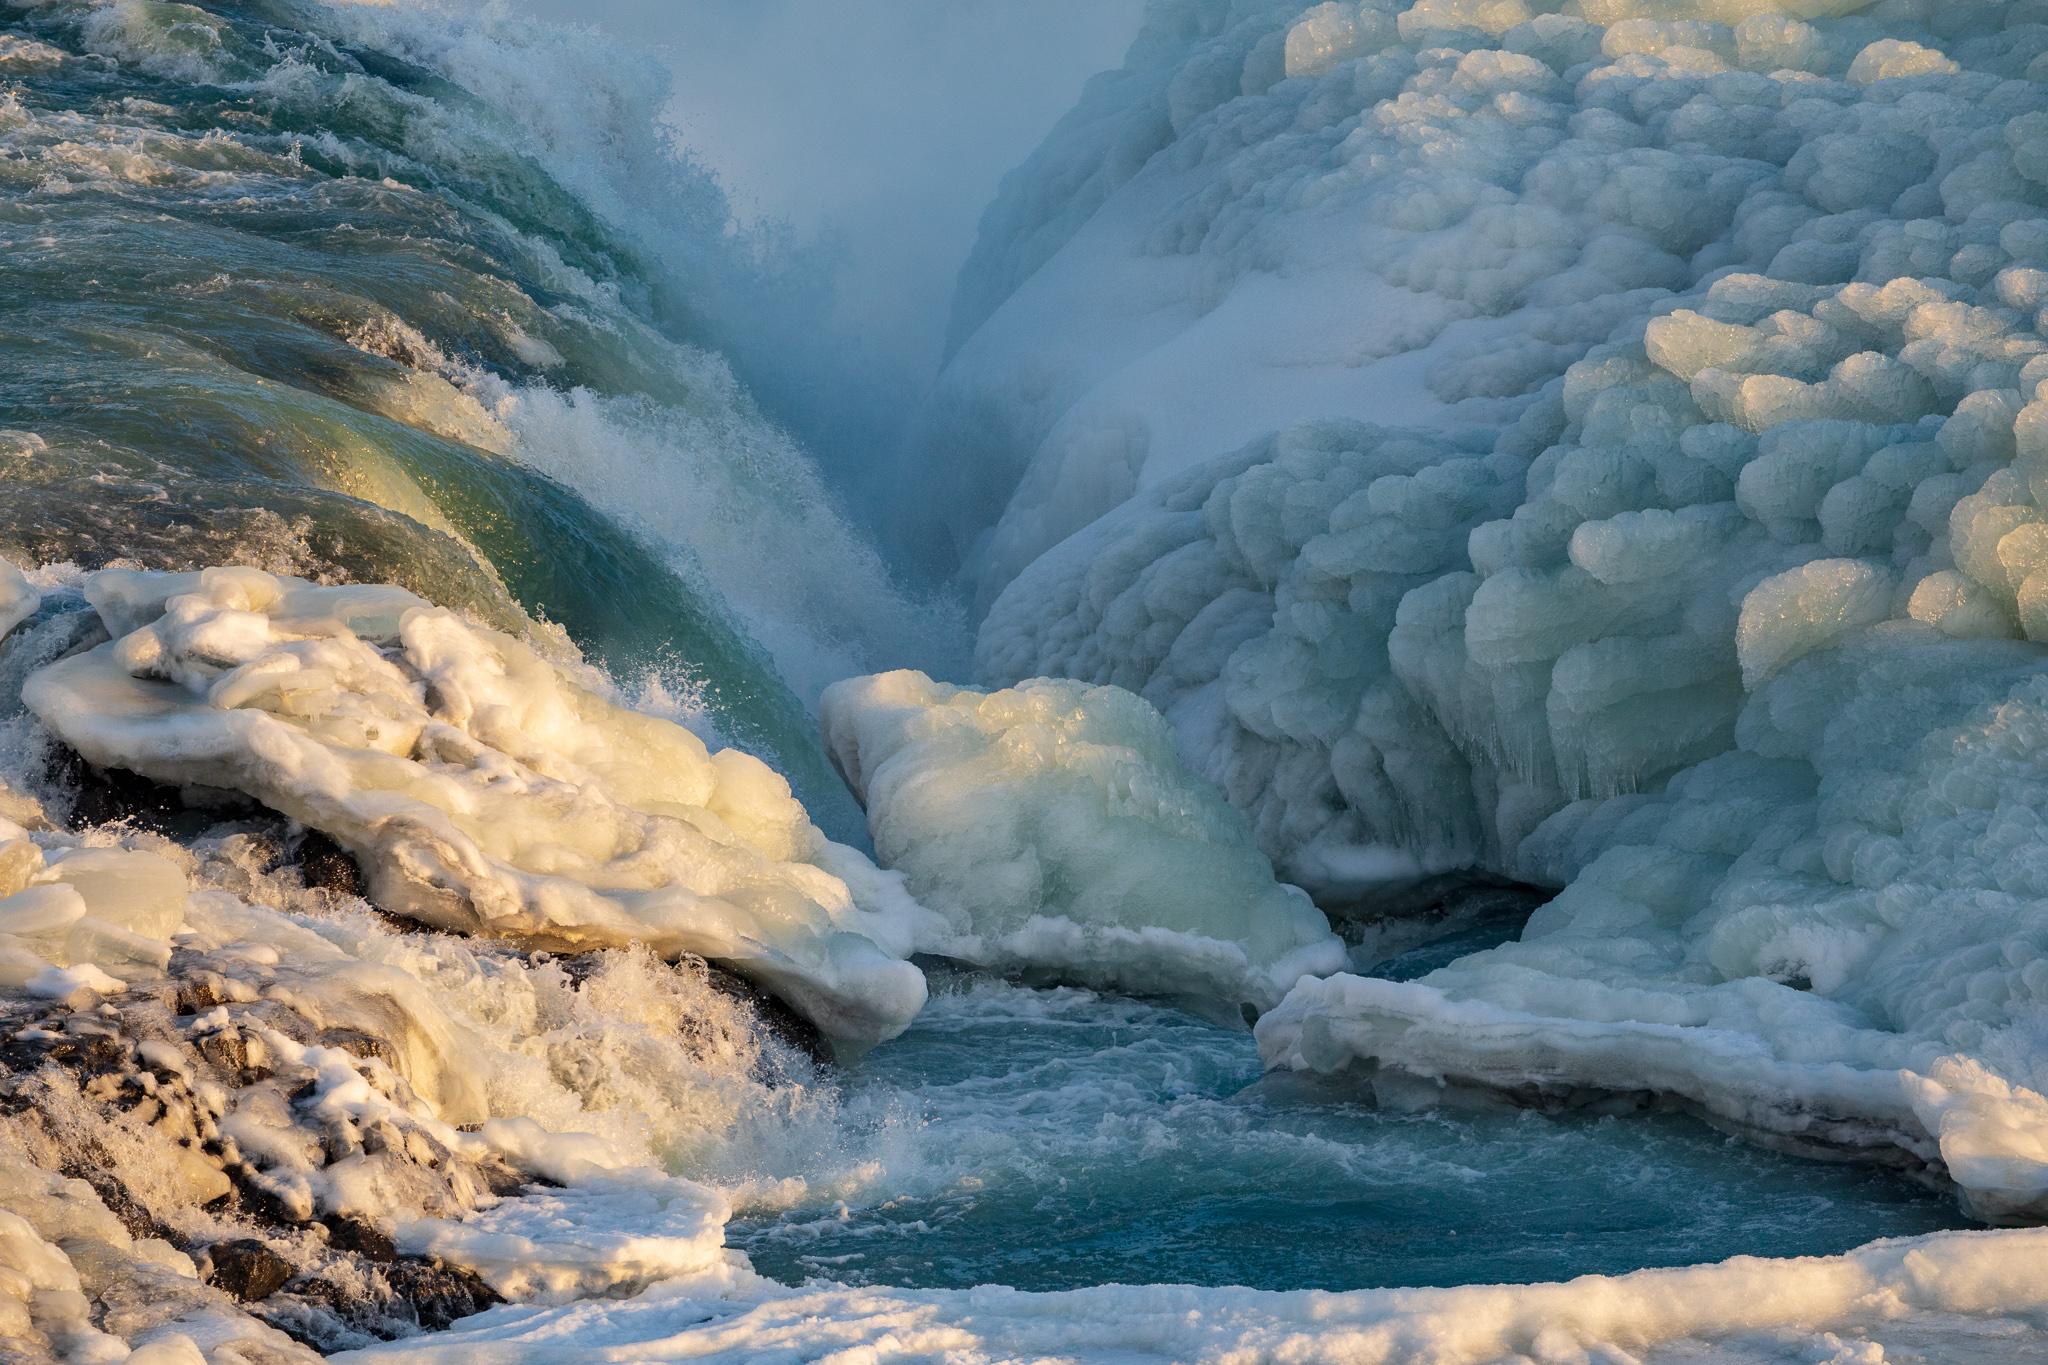 Urriðafoss - Jeroen Van Nieuwenhove - 1.jpg